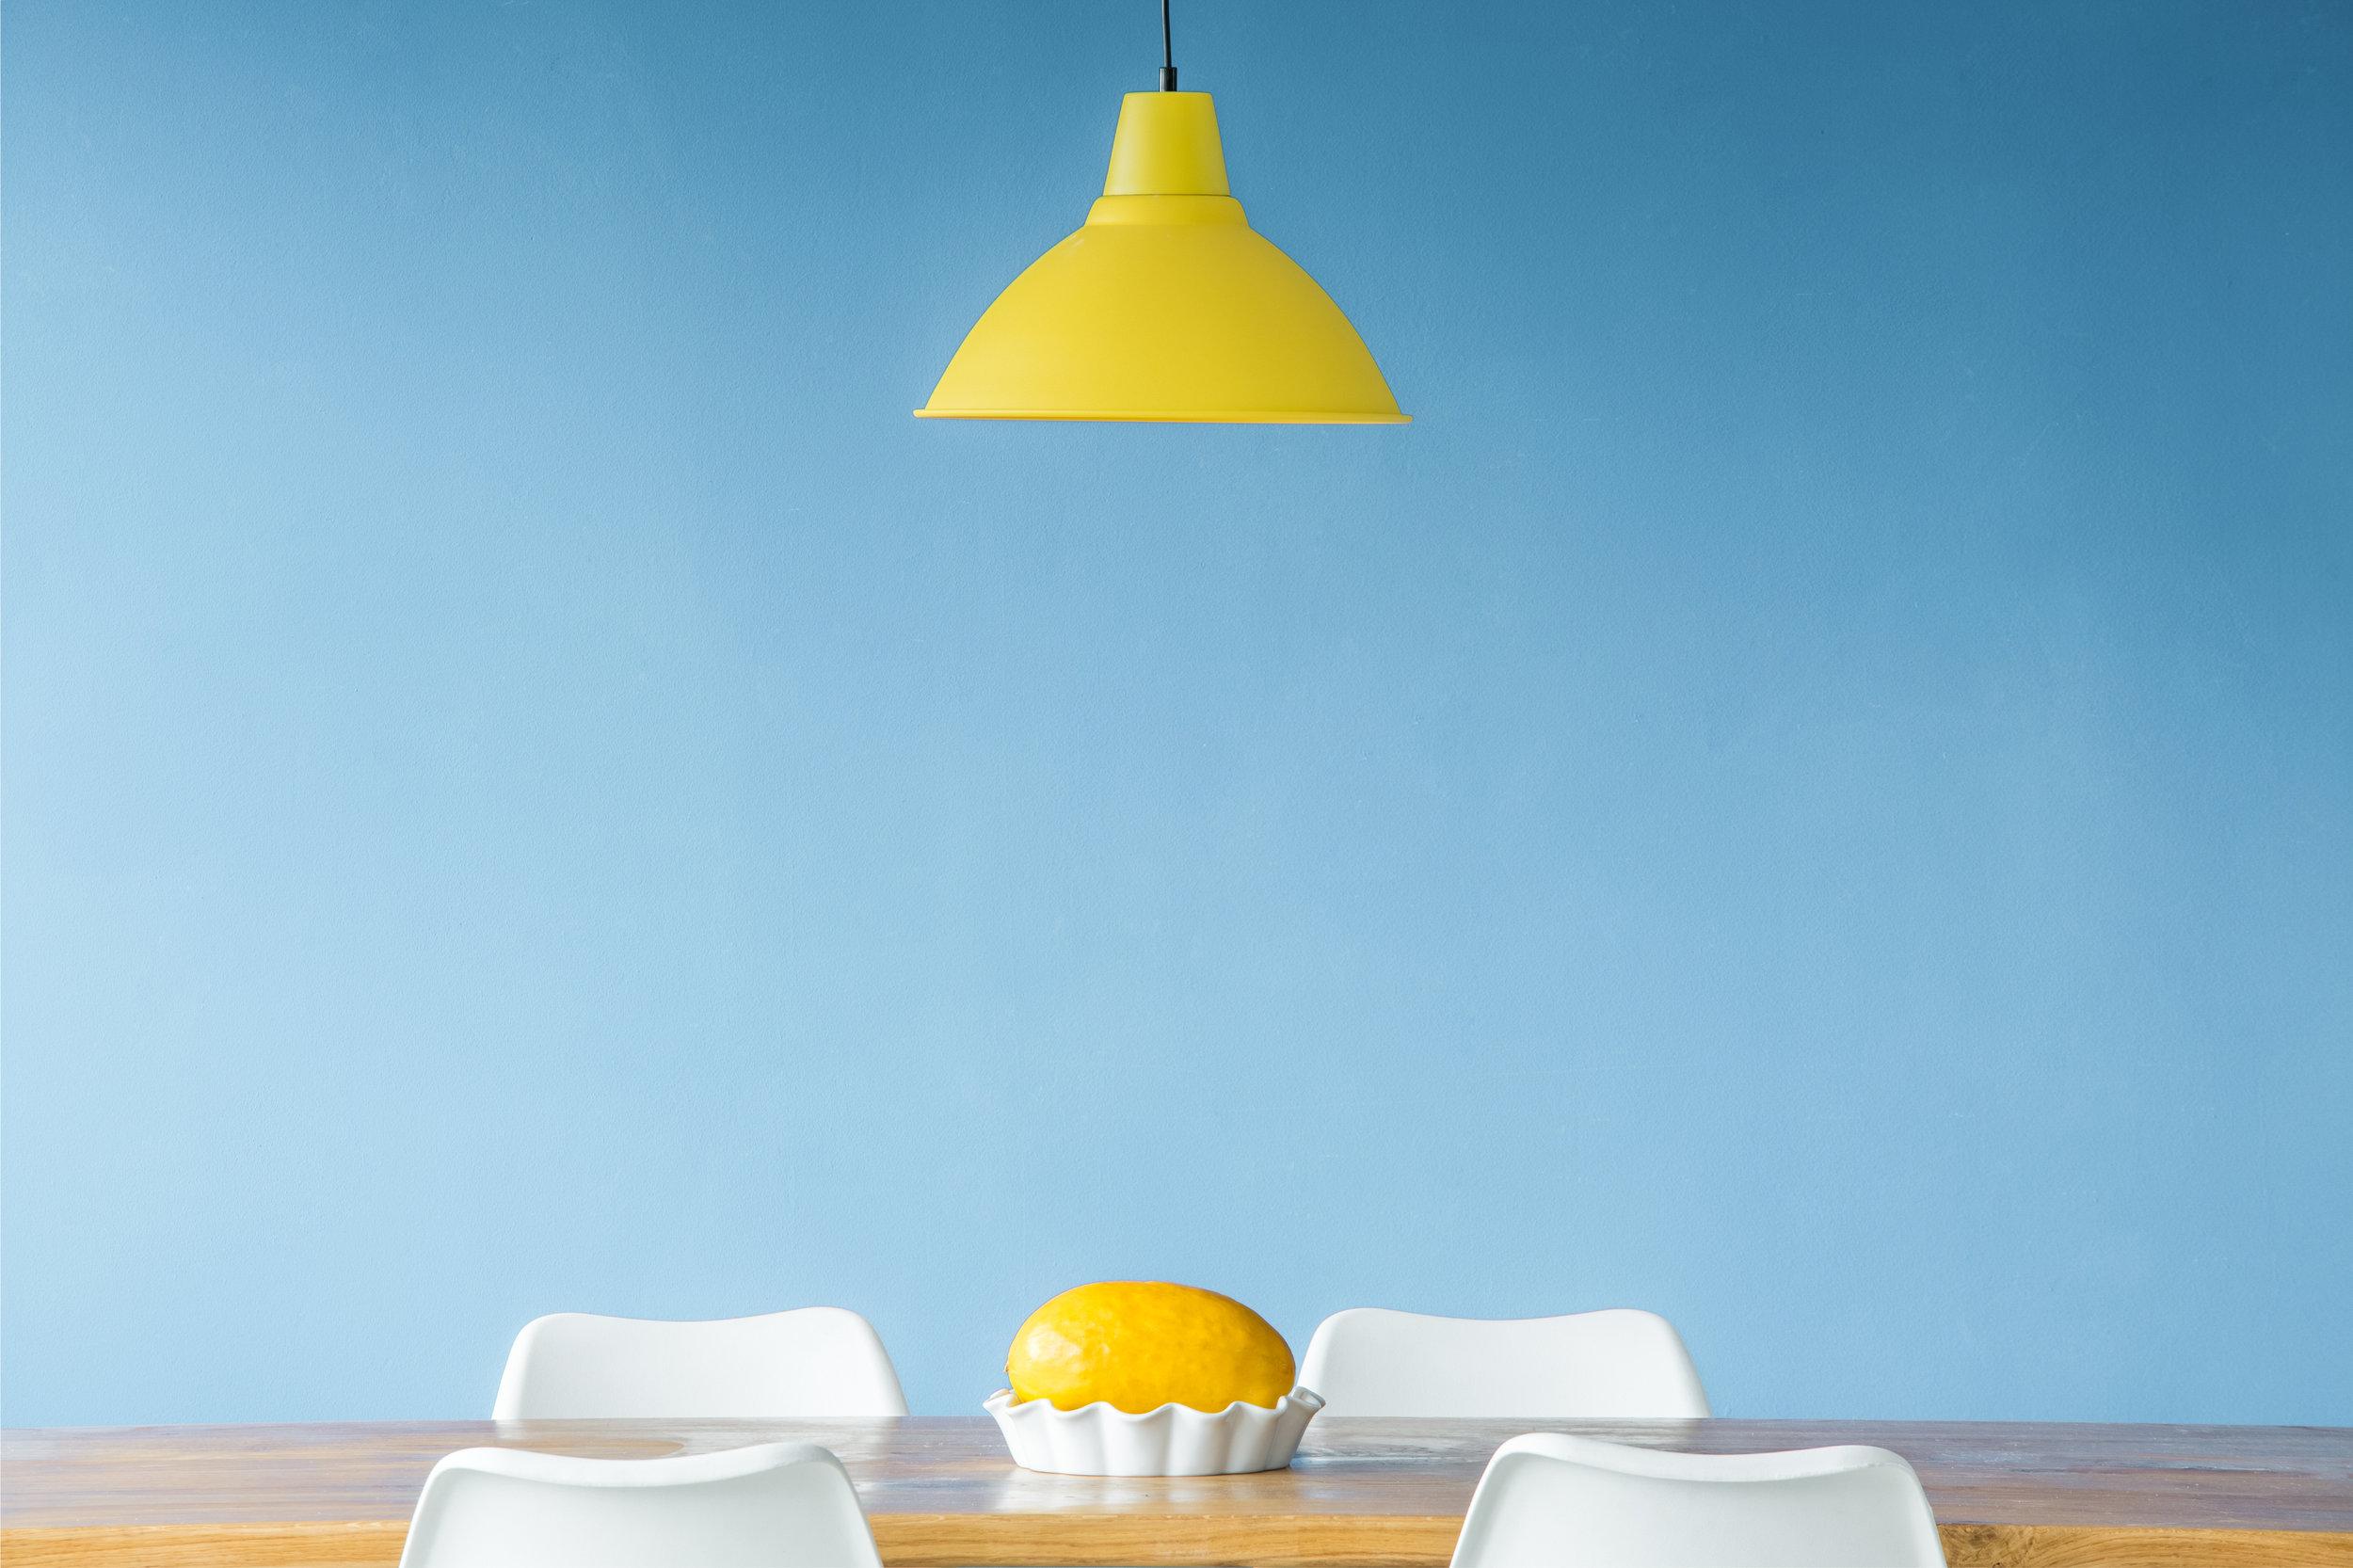 lamp_boringgraphics.JPG